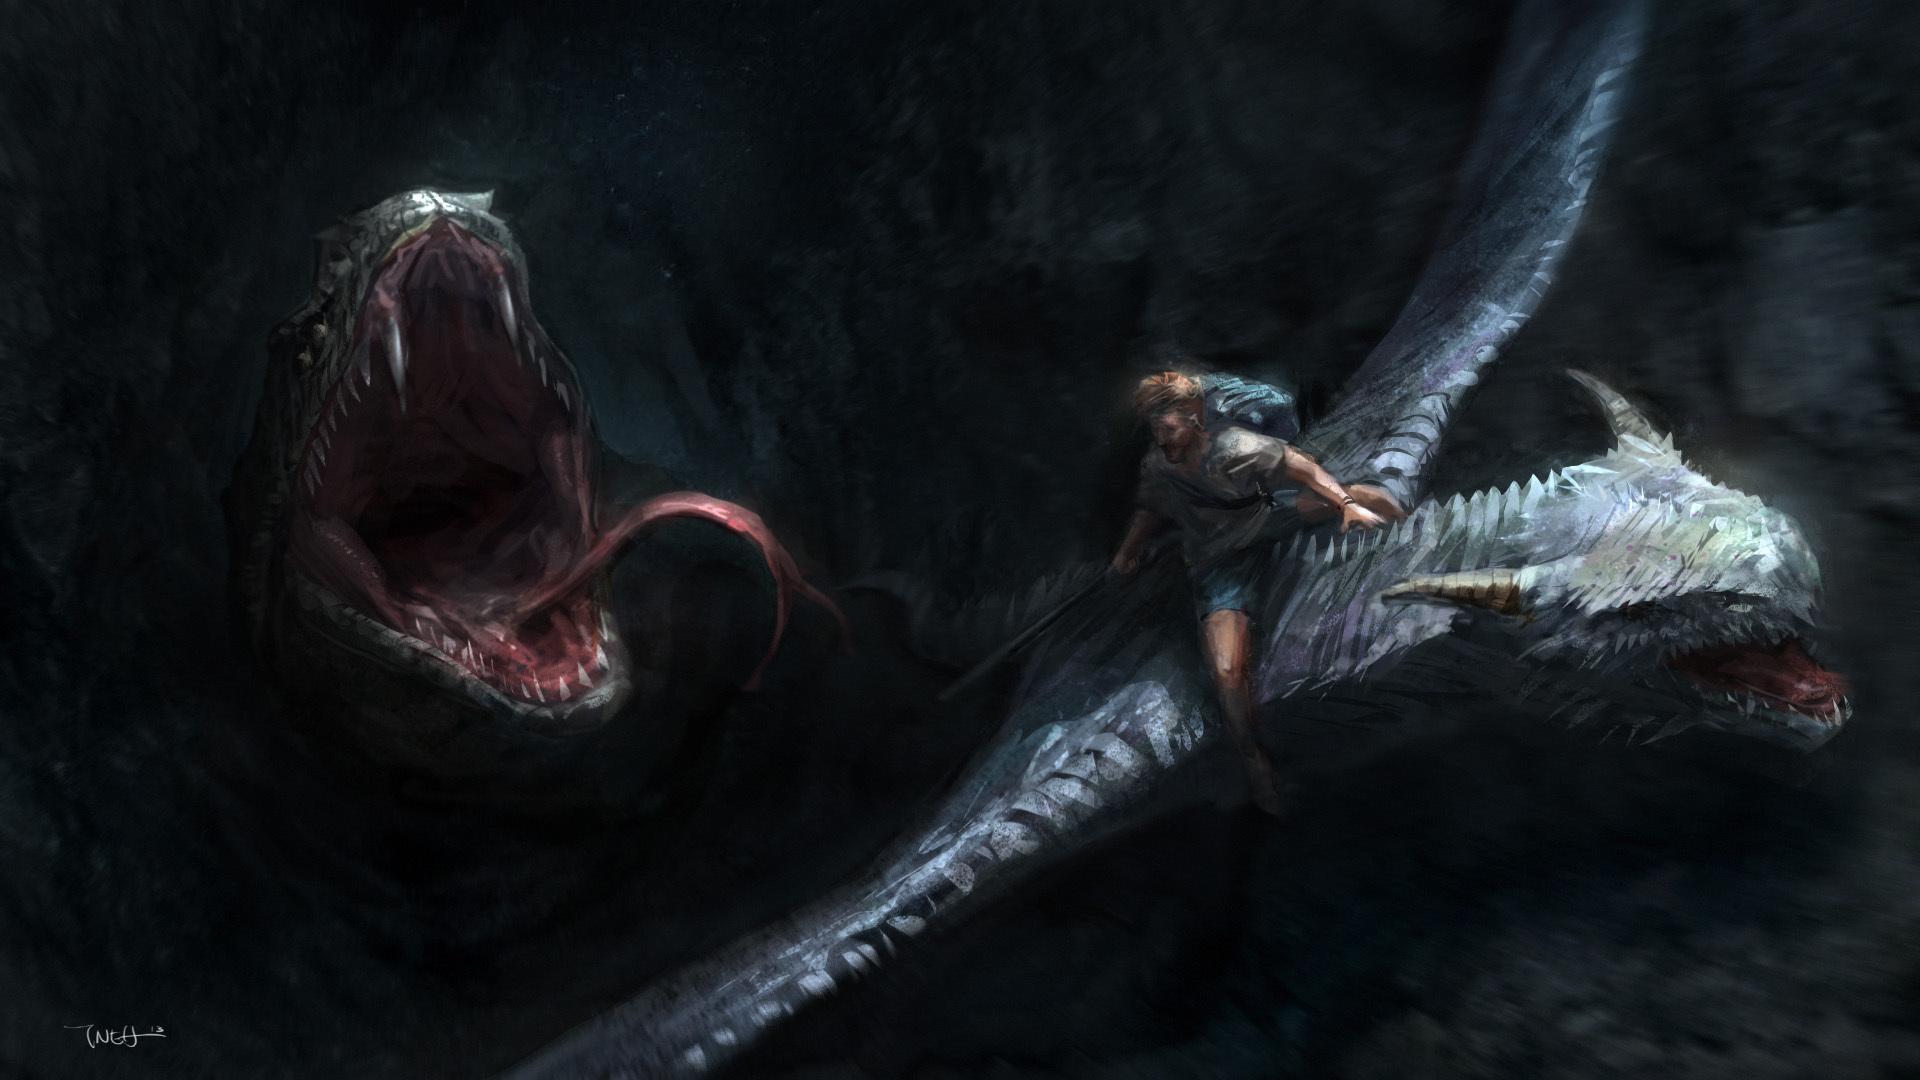 Фотографии Драконы Монстры мужчина Воители Фэнтези дракон монстр чудовище воин воины Мужчины Фантастика